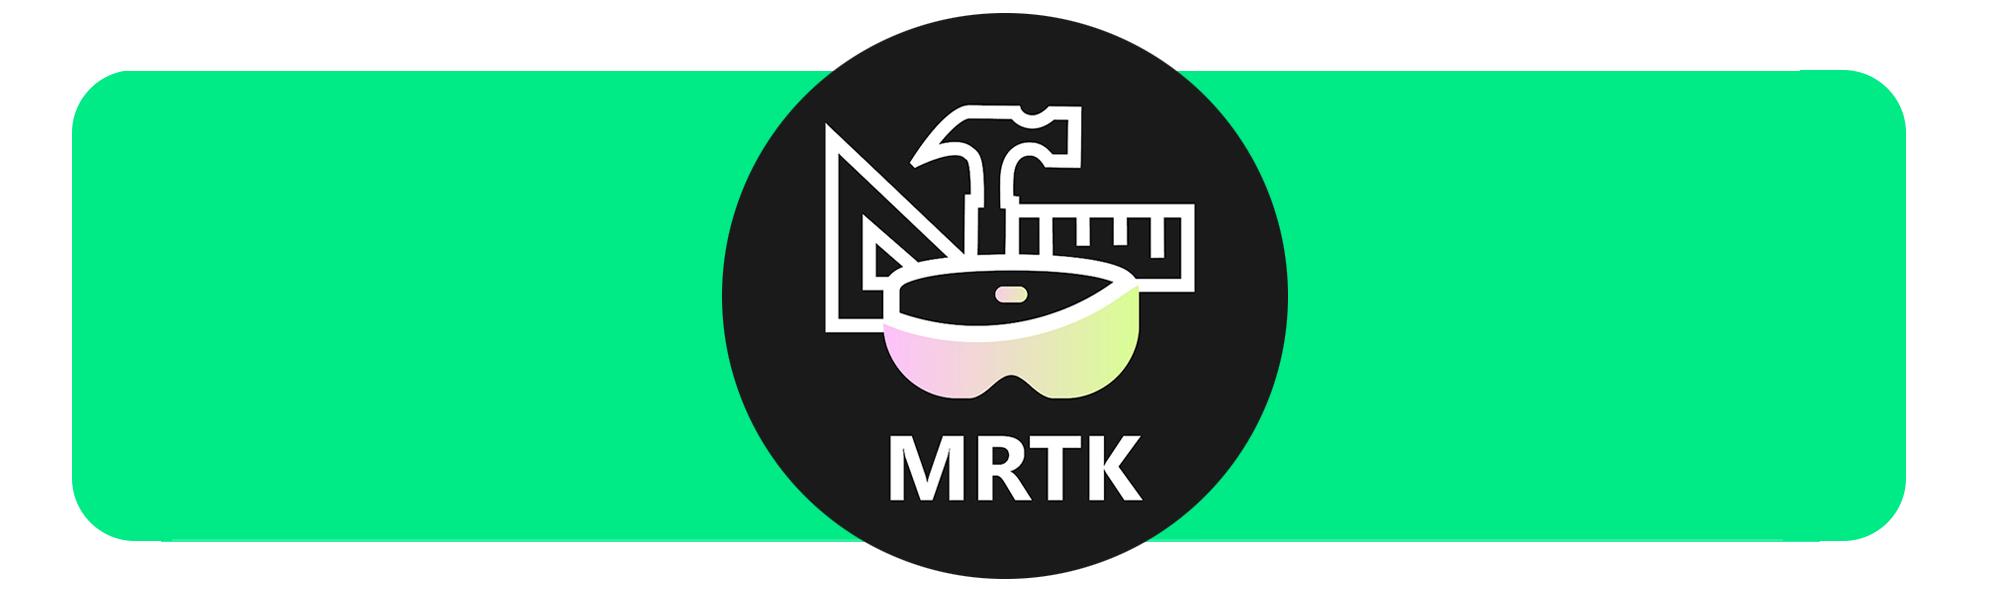 mrtk_image_banner.png